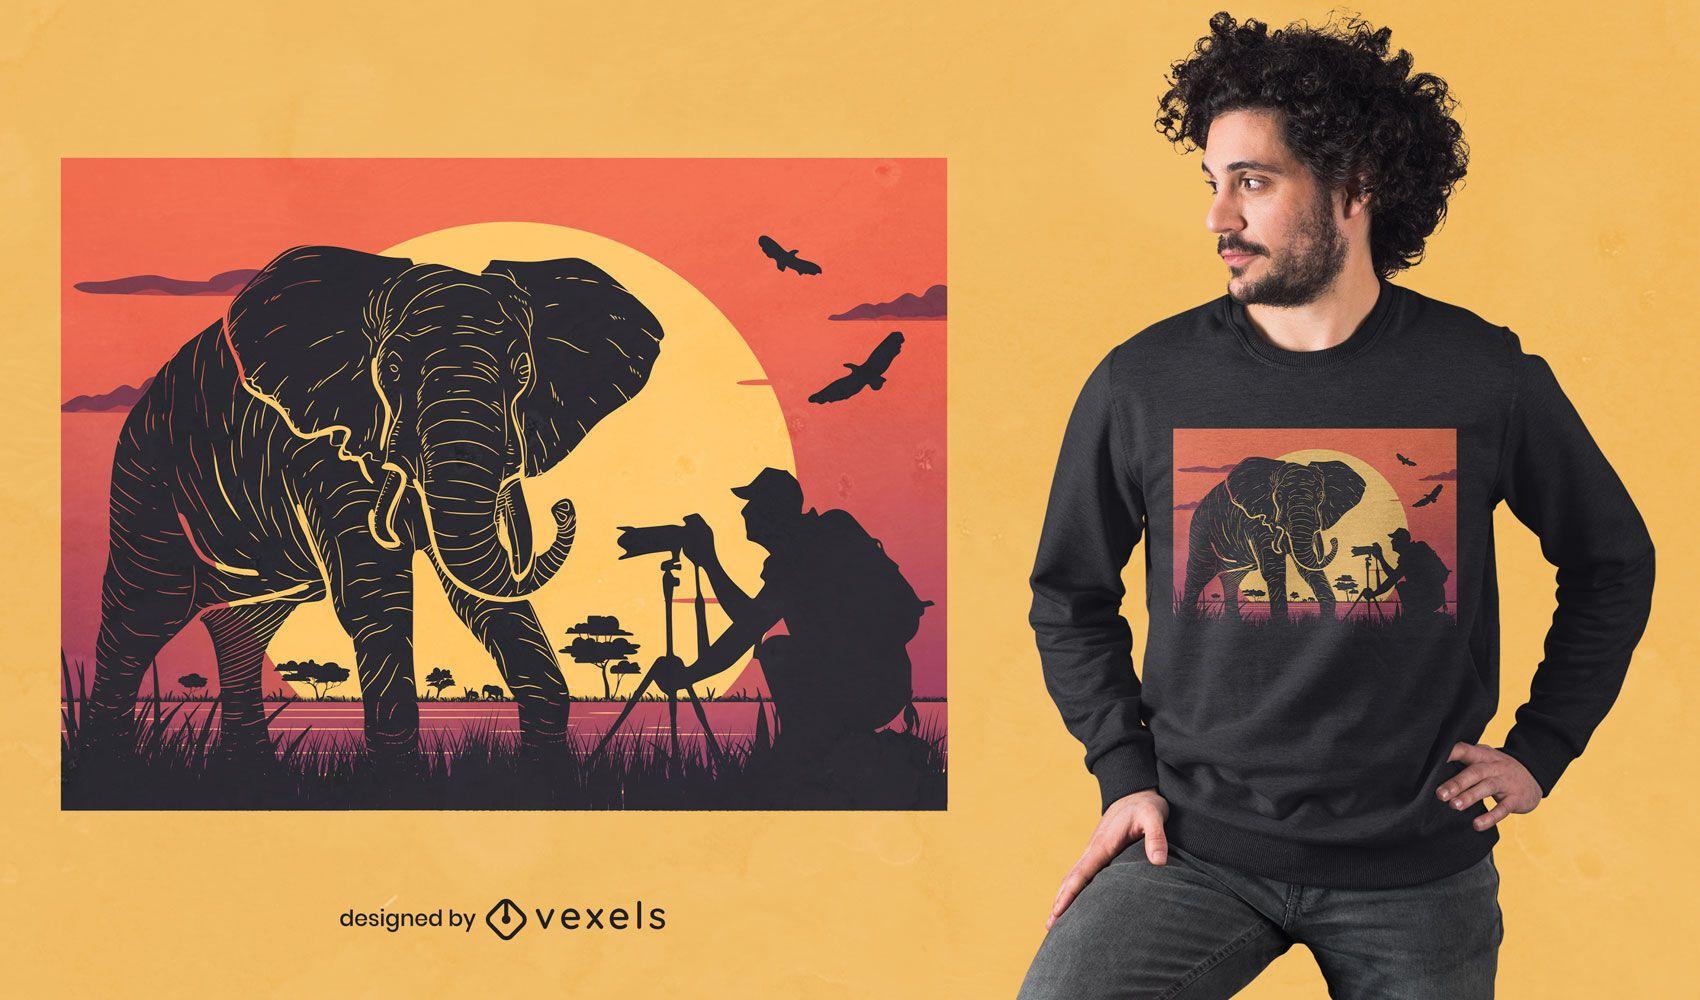 Dise?o de camiseta de fotograf?a de elefante.